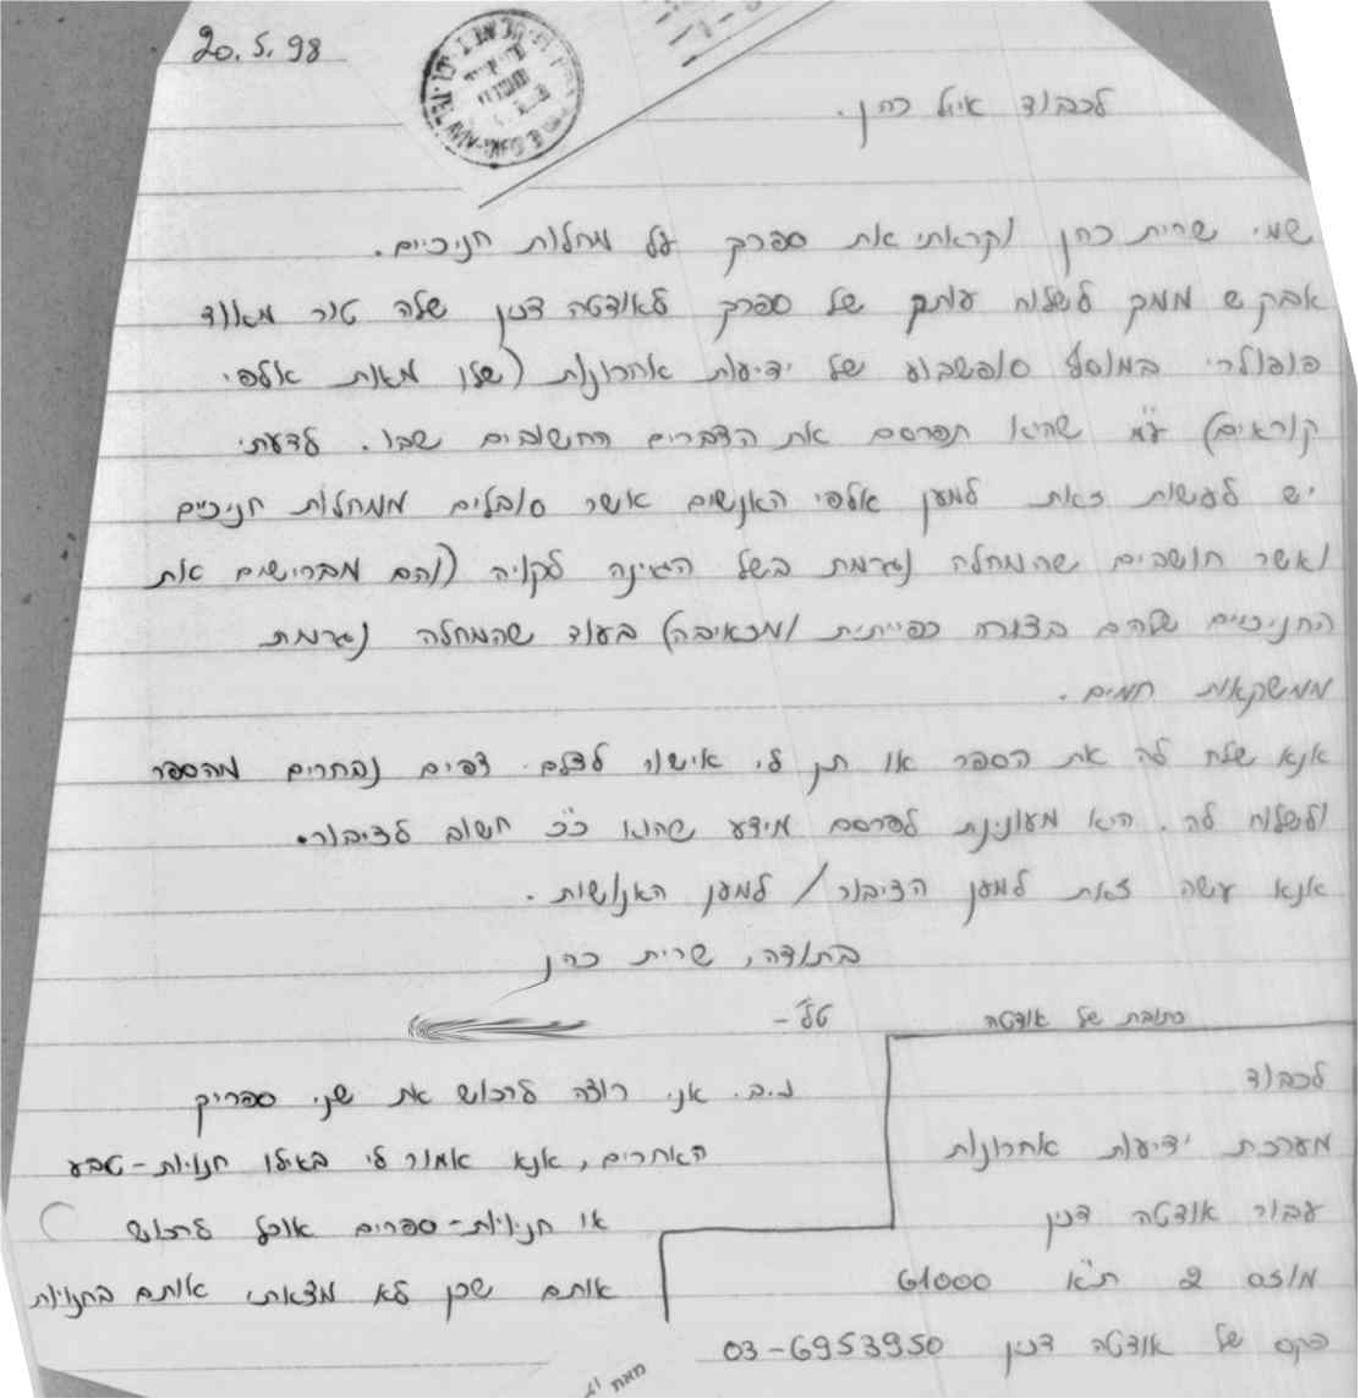 מכתבה של שרית כהן